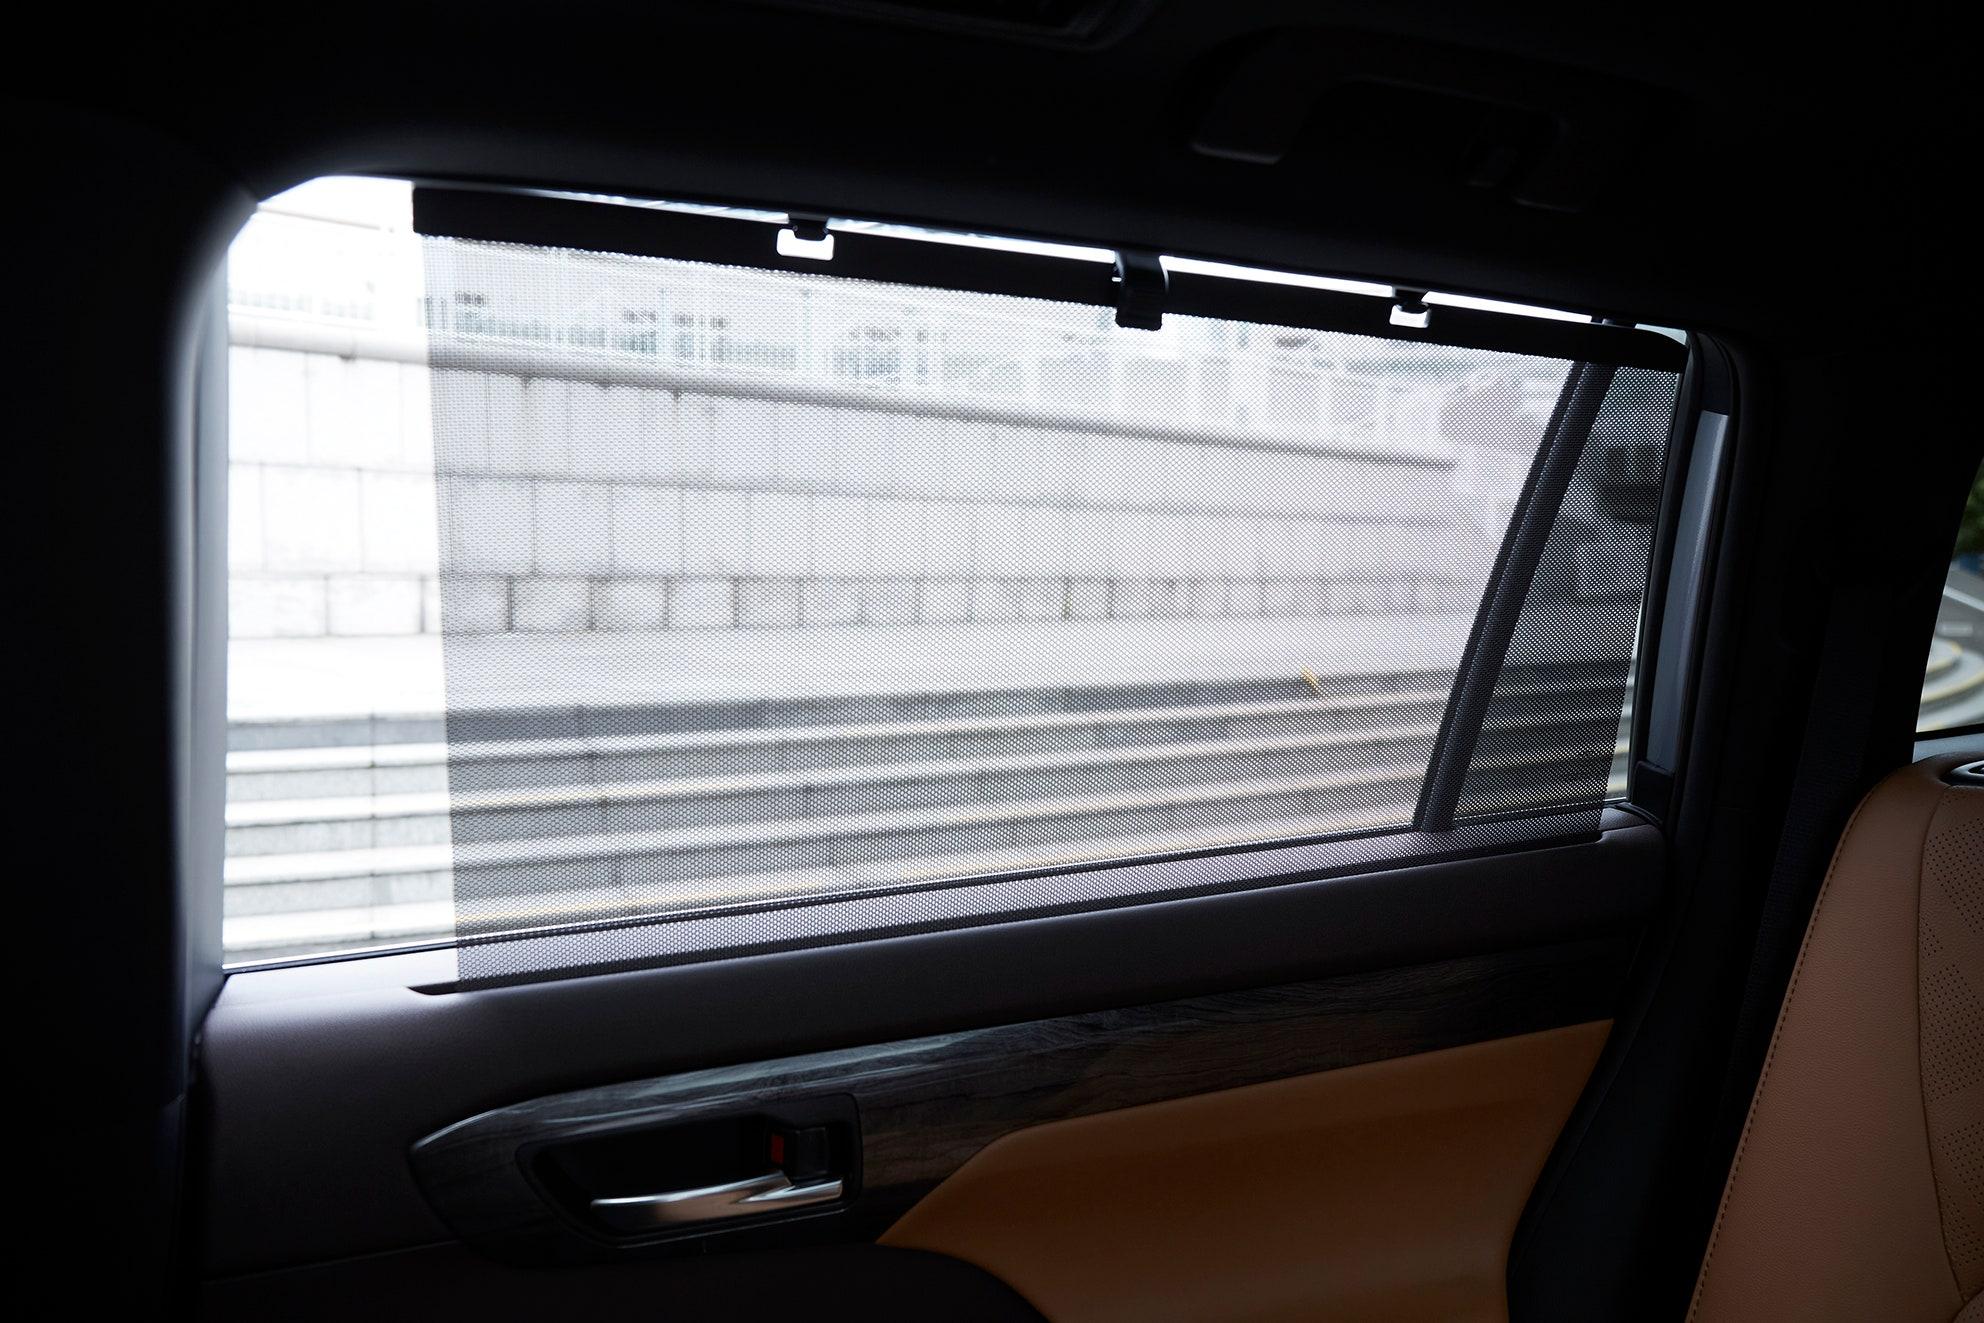 日本で乗るのも案外イイぞ! トヨタ・ハイランダー試乗記